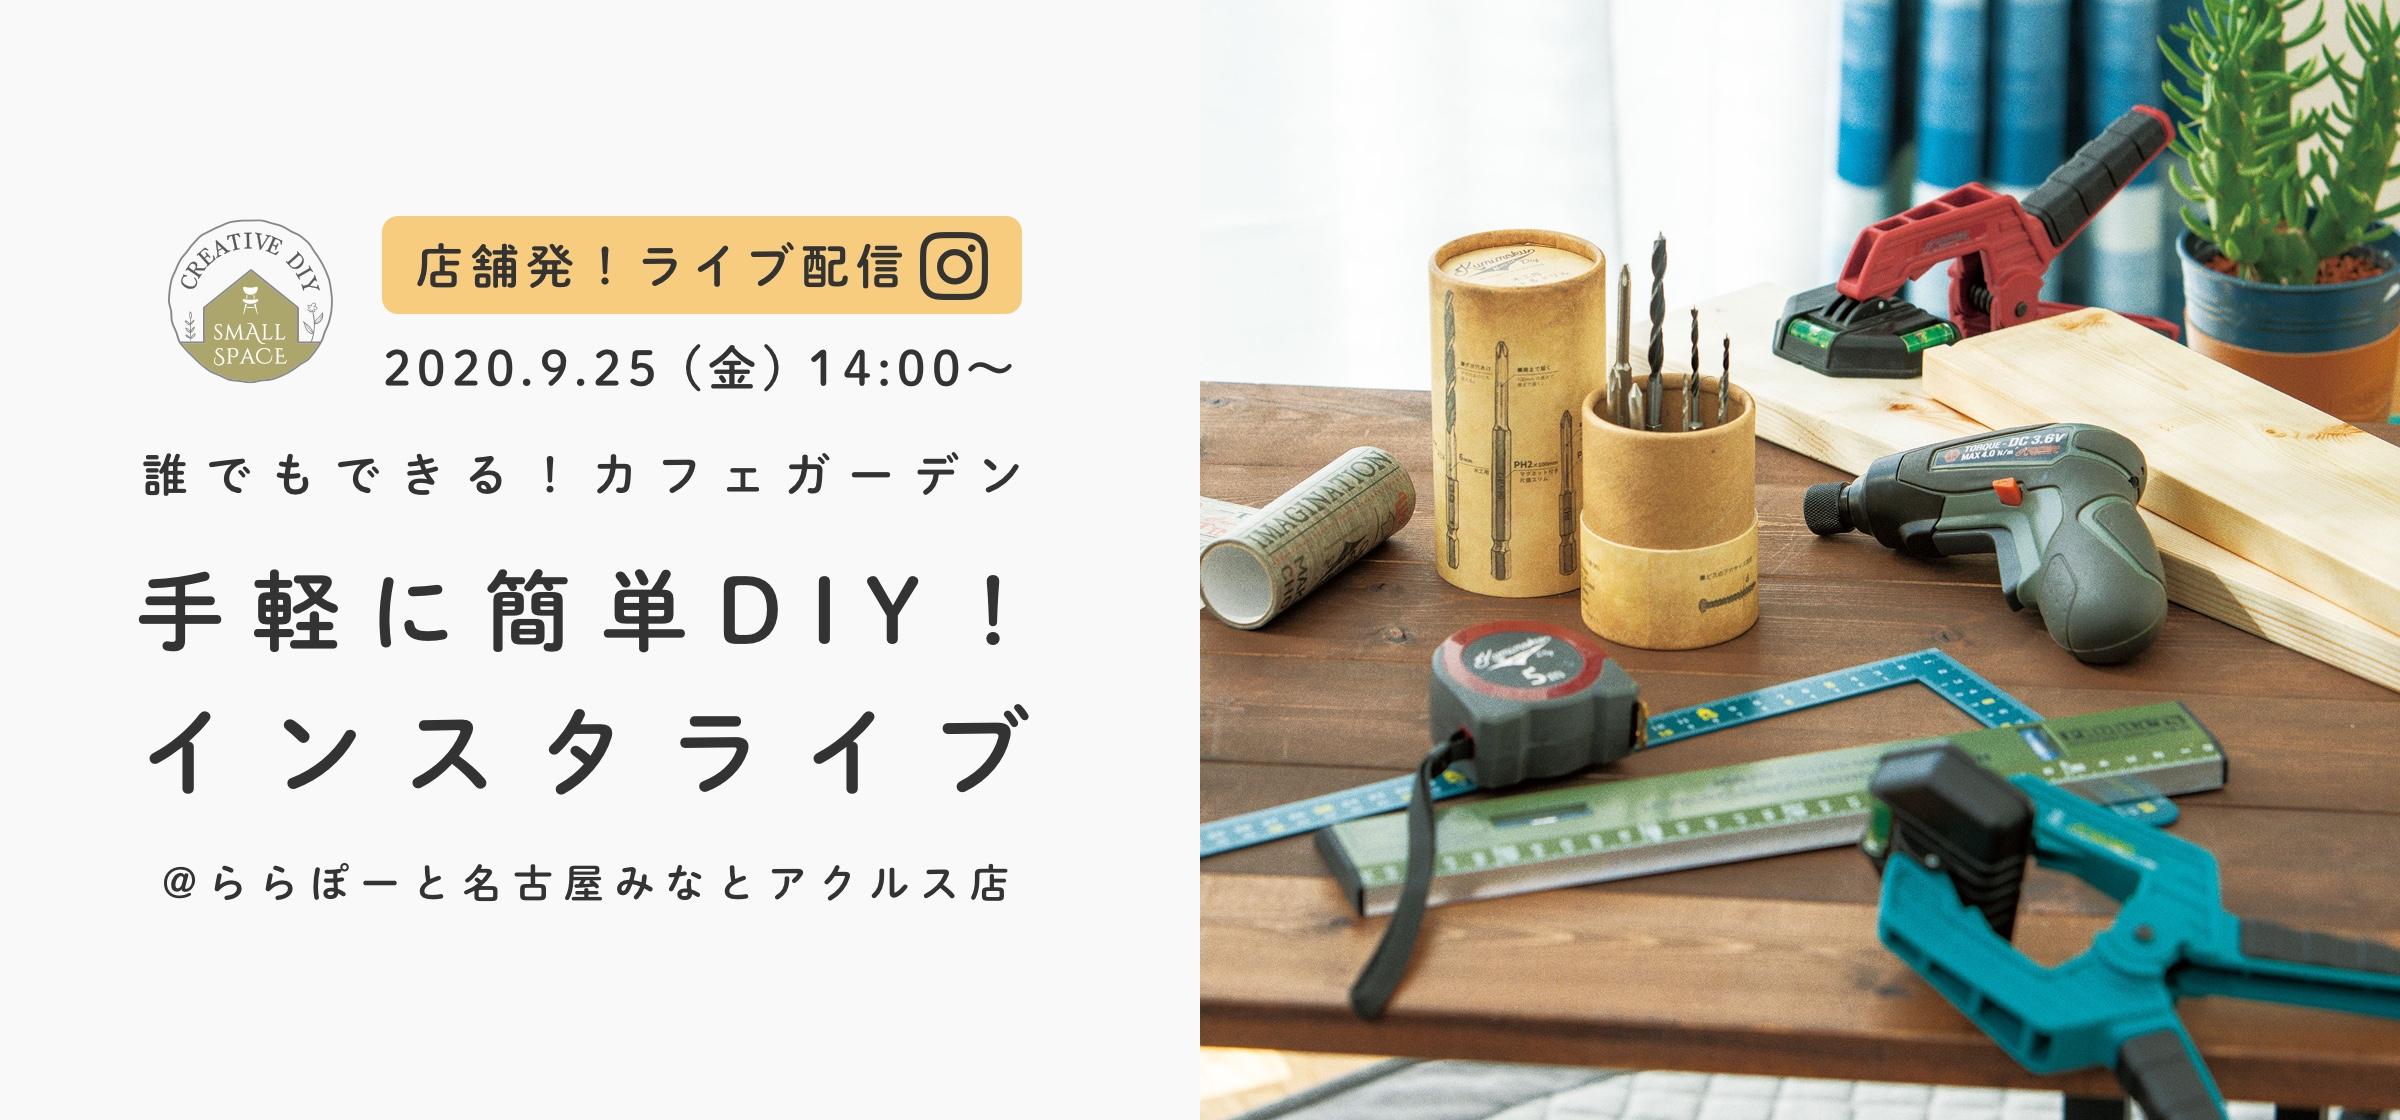 手軽に簡単DIY!インスタライブ配信店舗内風景